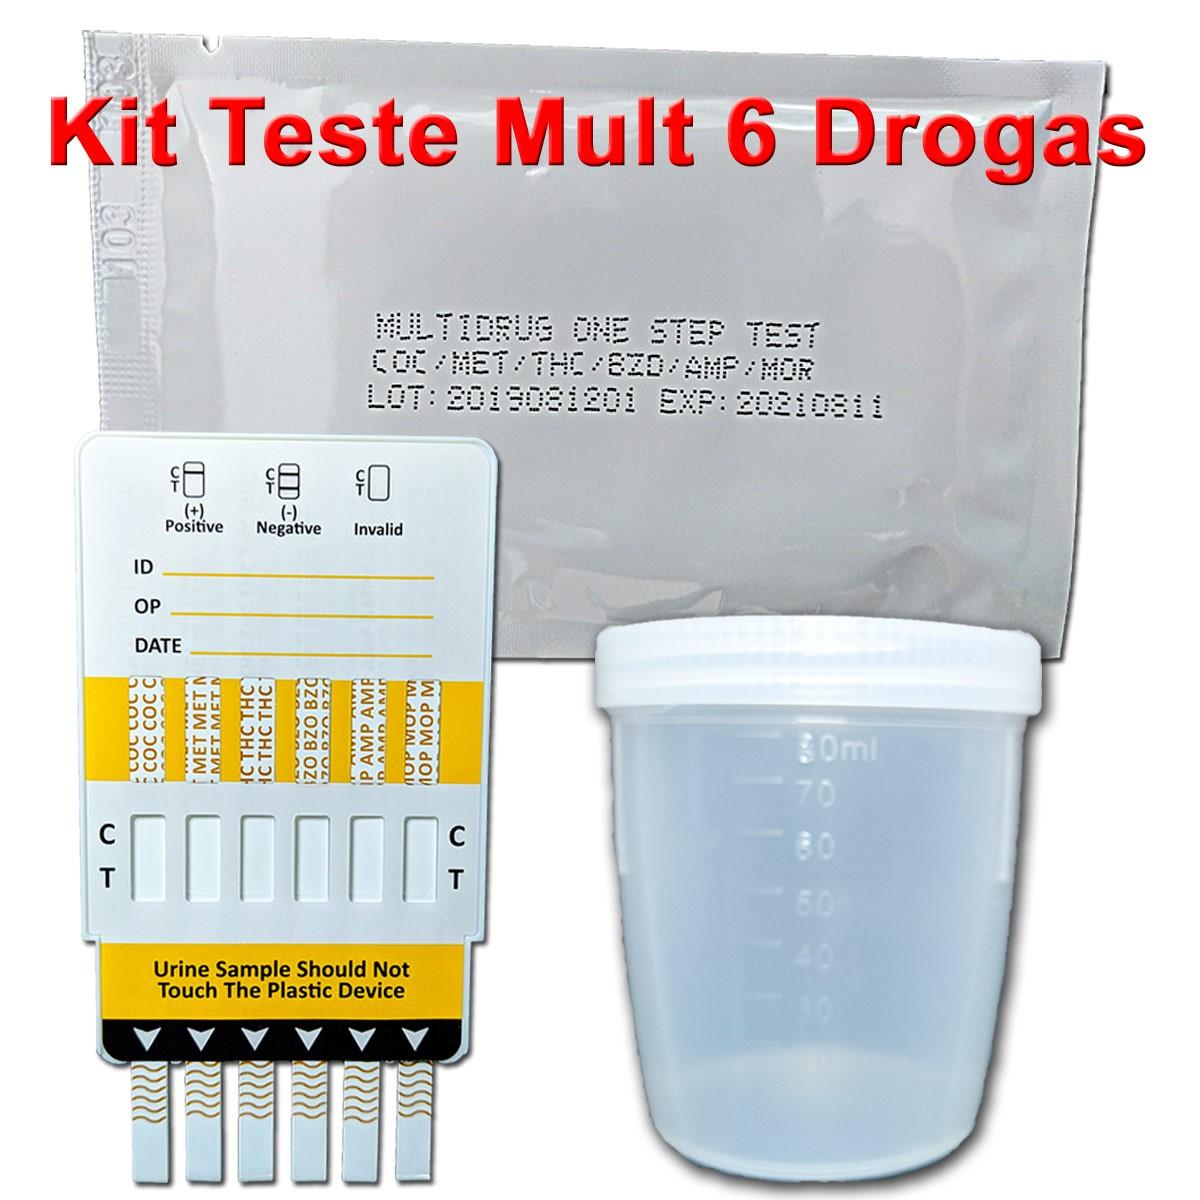 20 Kits Para Testes Mult 6  - Testes Para Drogas e COVID-19. Máscaras e Como Parar de Beber e Fumar